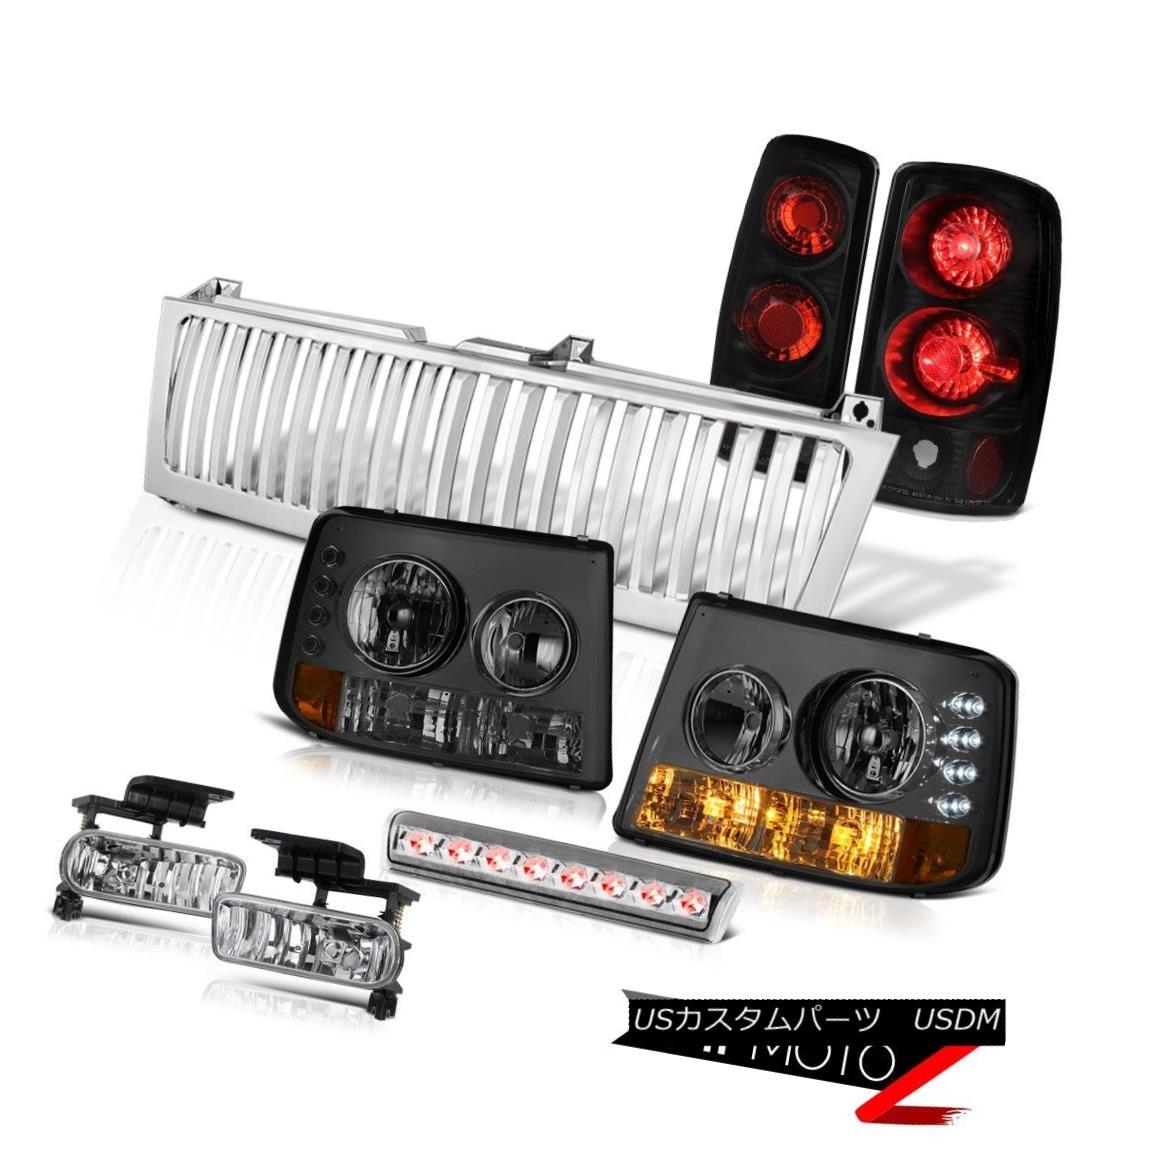 テールライト 00-06 Chevy Tahoe Smoke Headlights Tail Brake Lights Euro Fog LED Chrome Grille 00-06 Chevy TahoeスモークヘッドライトテールブレーキライトEuro Fog LED Chrome Grille